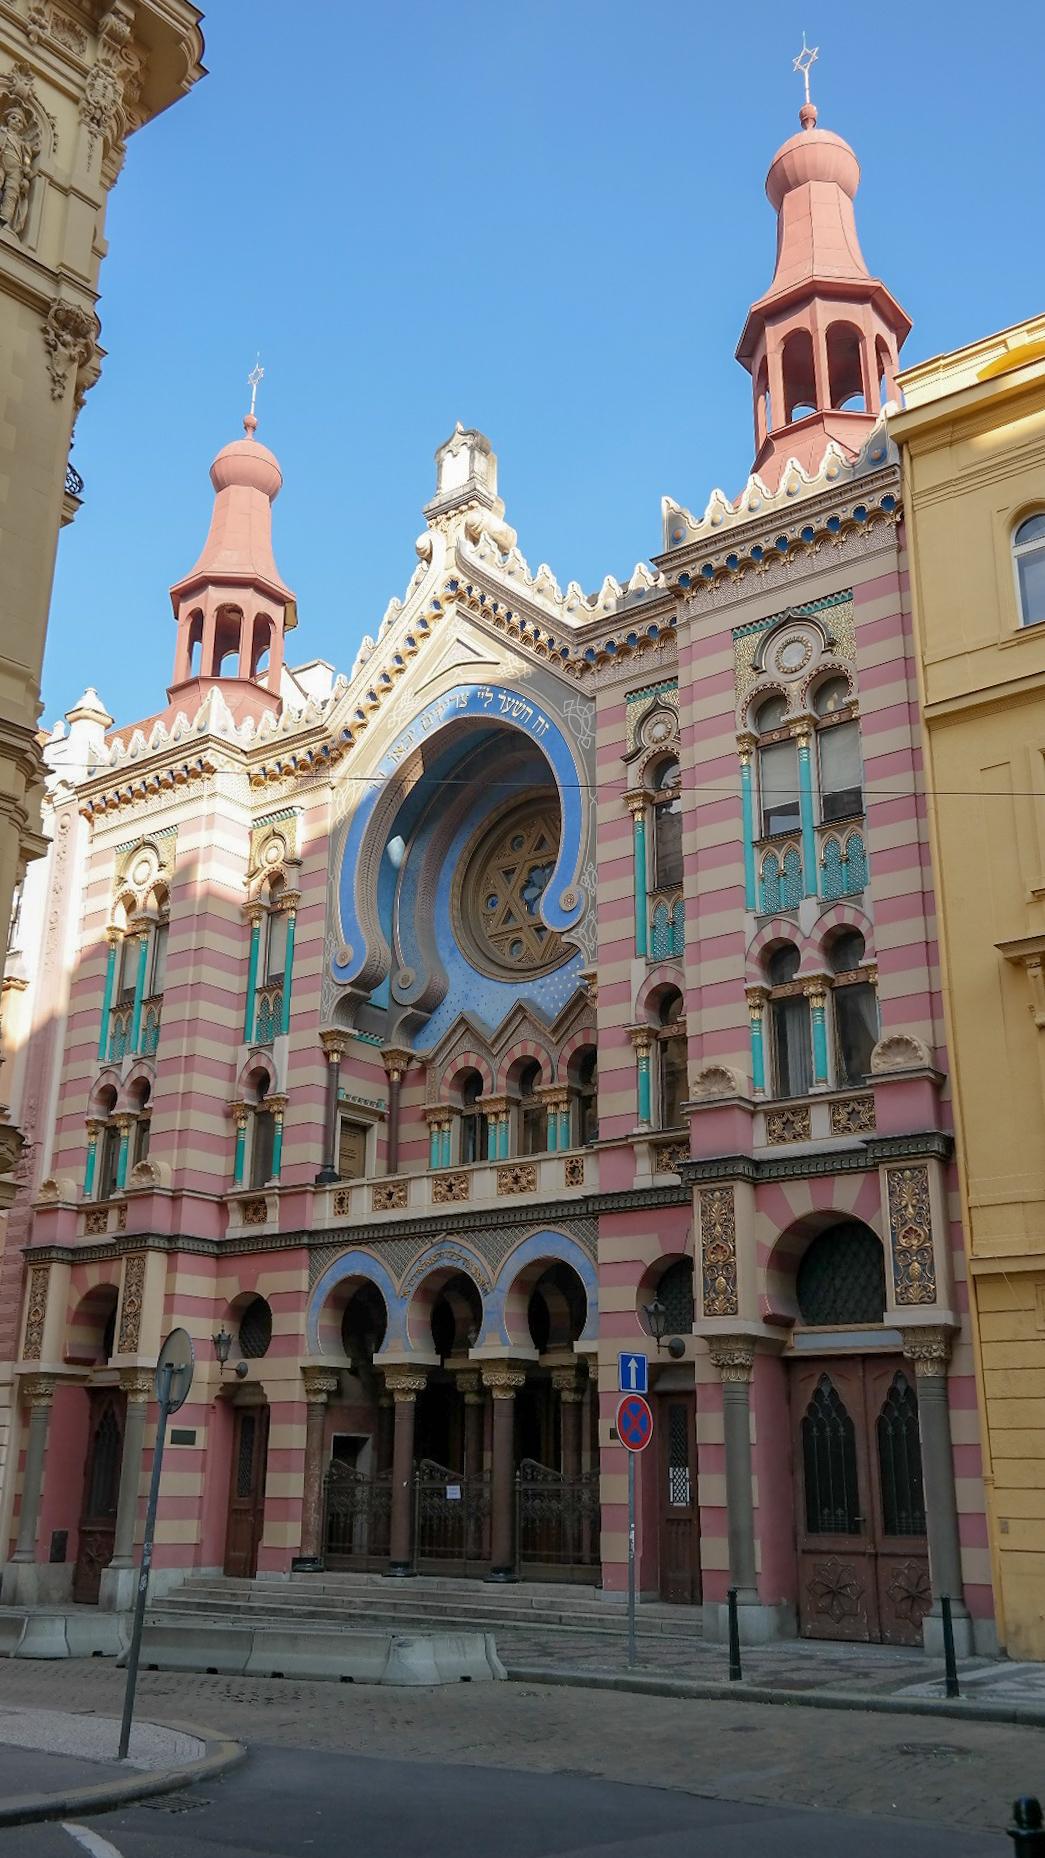 Synagoga Jubileuszowa Praga Co zwiedzic i zobaczyc w Pradze w weekend